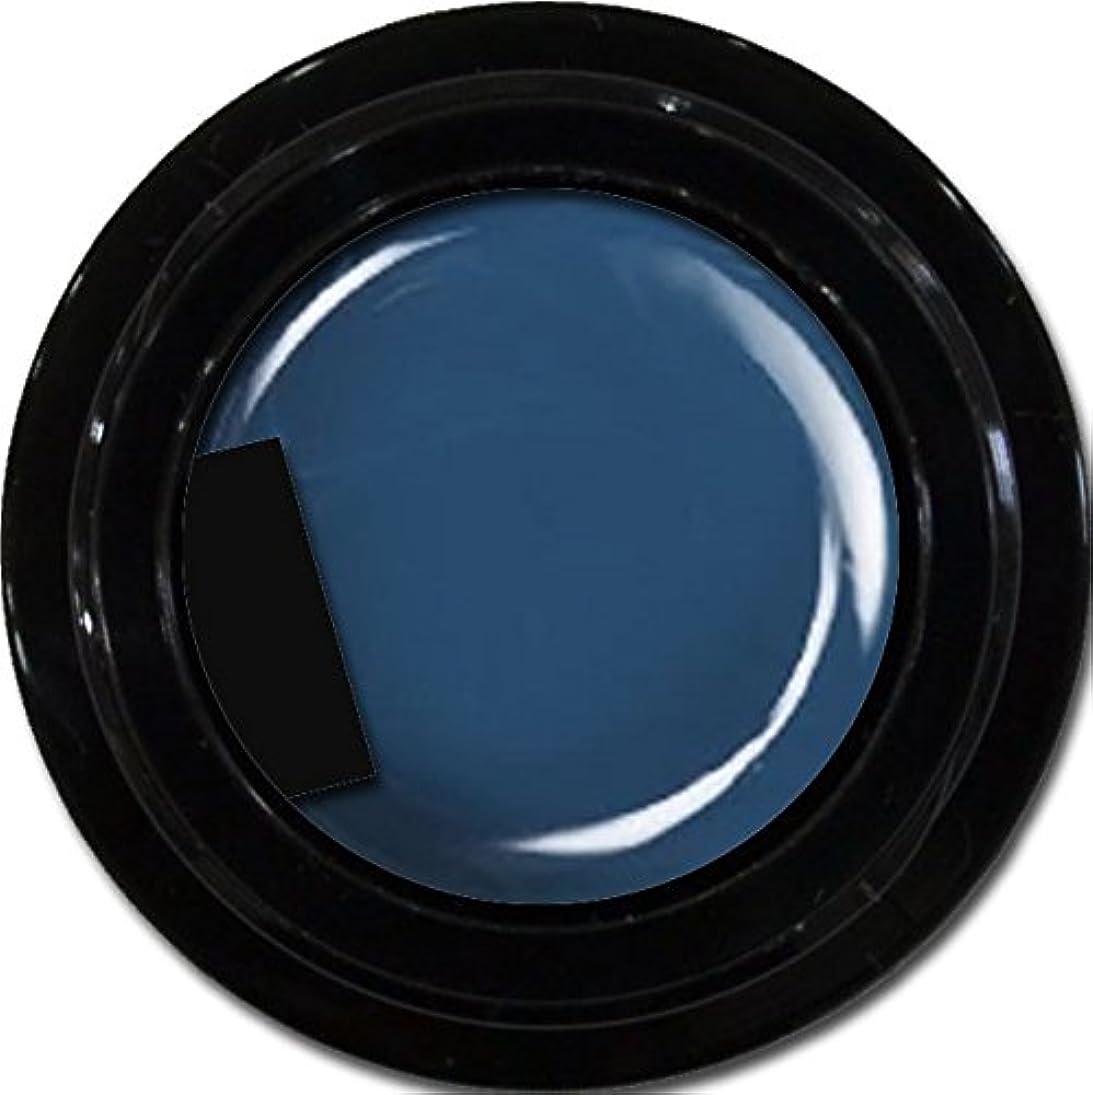 ぬれた放散する急ぐカラージェル enchant color gel M720 BrilliantBlue 3g/ マットカラージェル M720ブリリアントブルー 3グラム